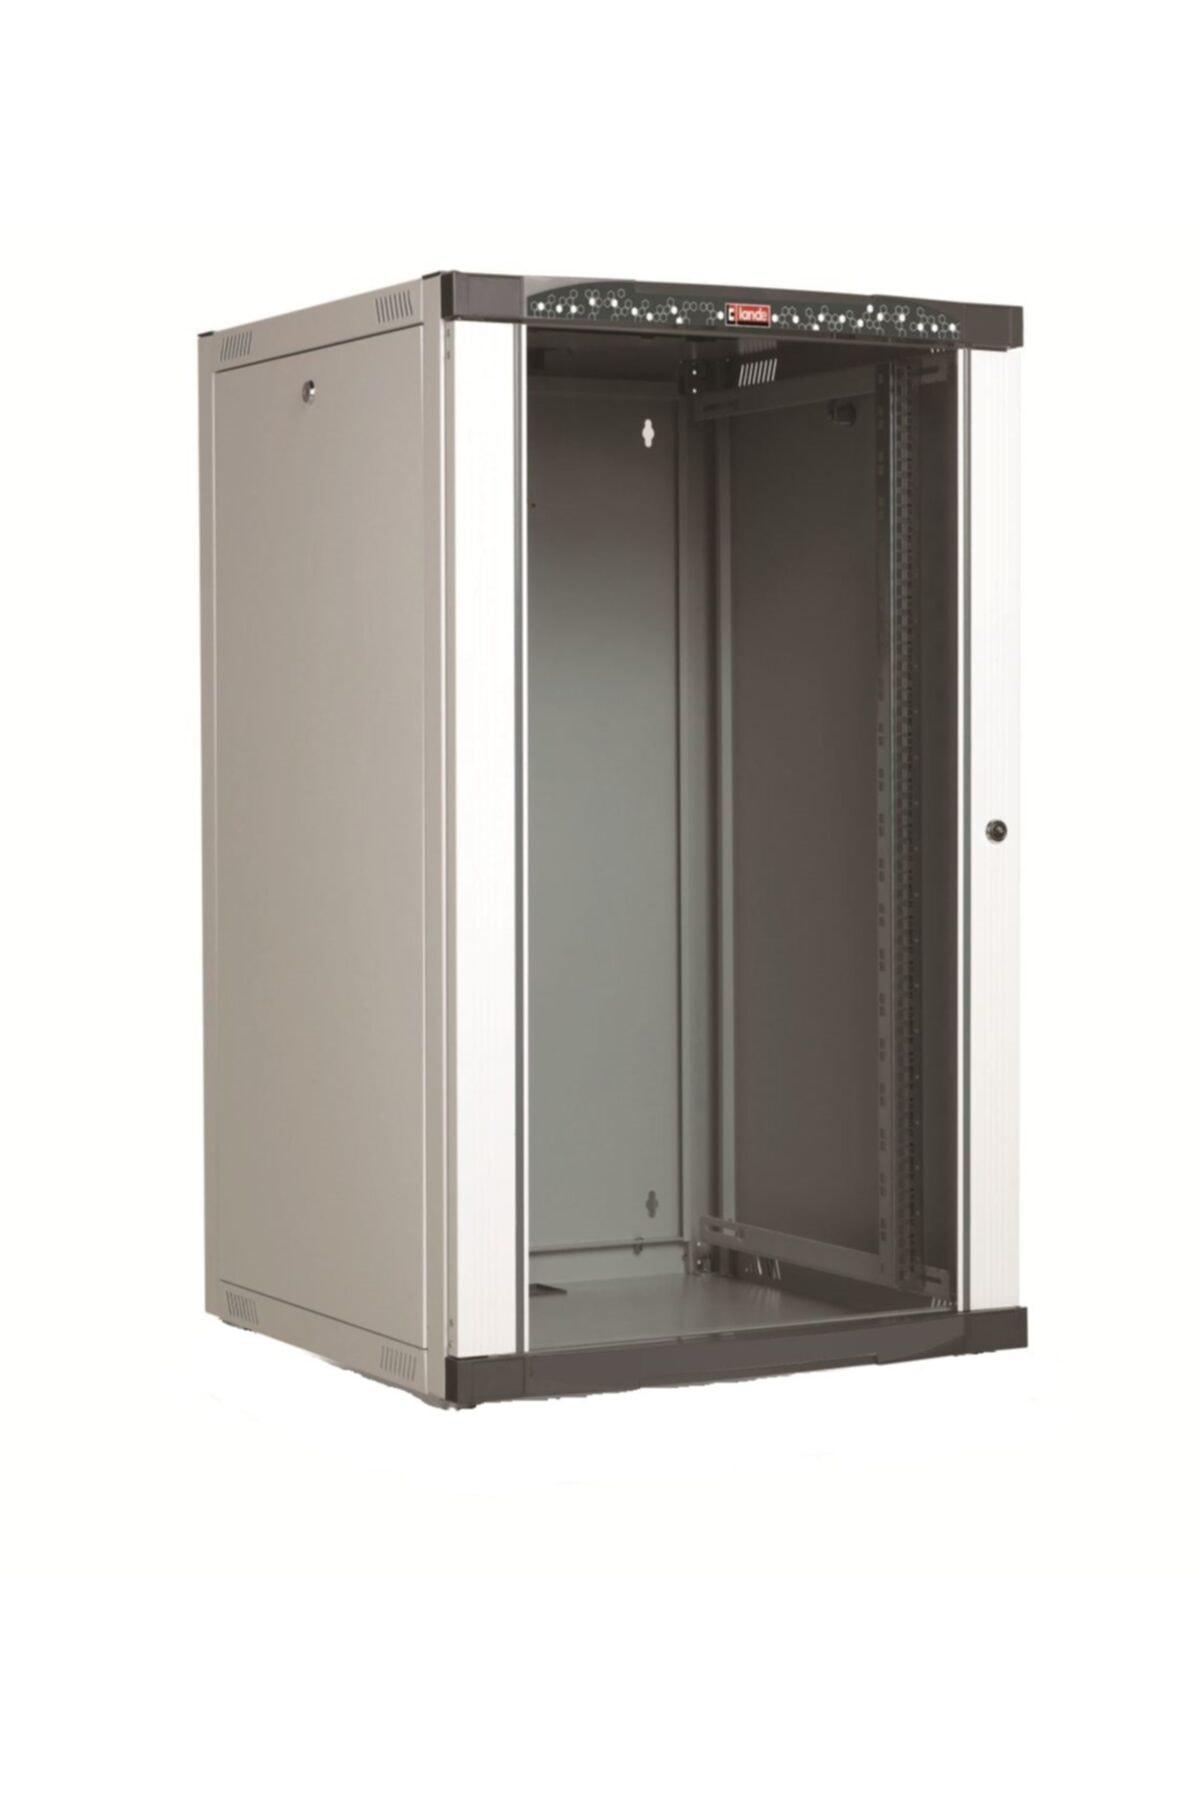 NETbox Serisi 20U 600x600 19'' Duvar Tipi Kabinet